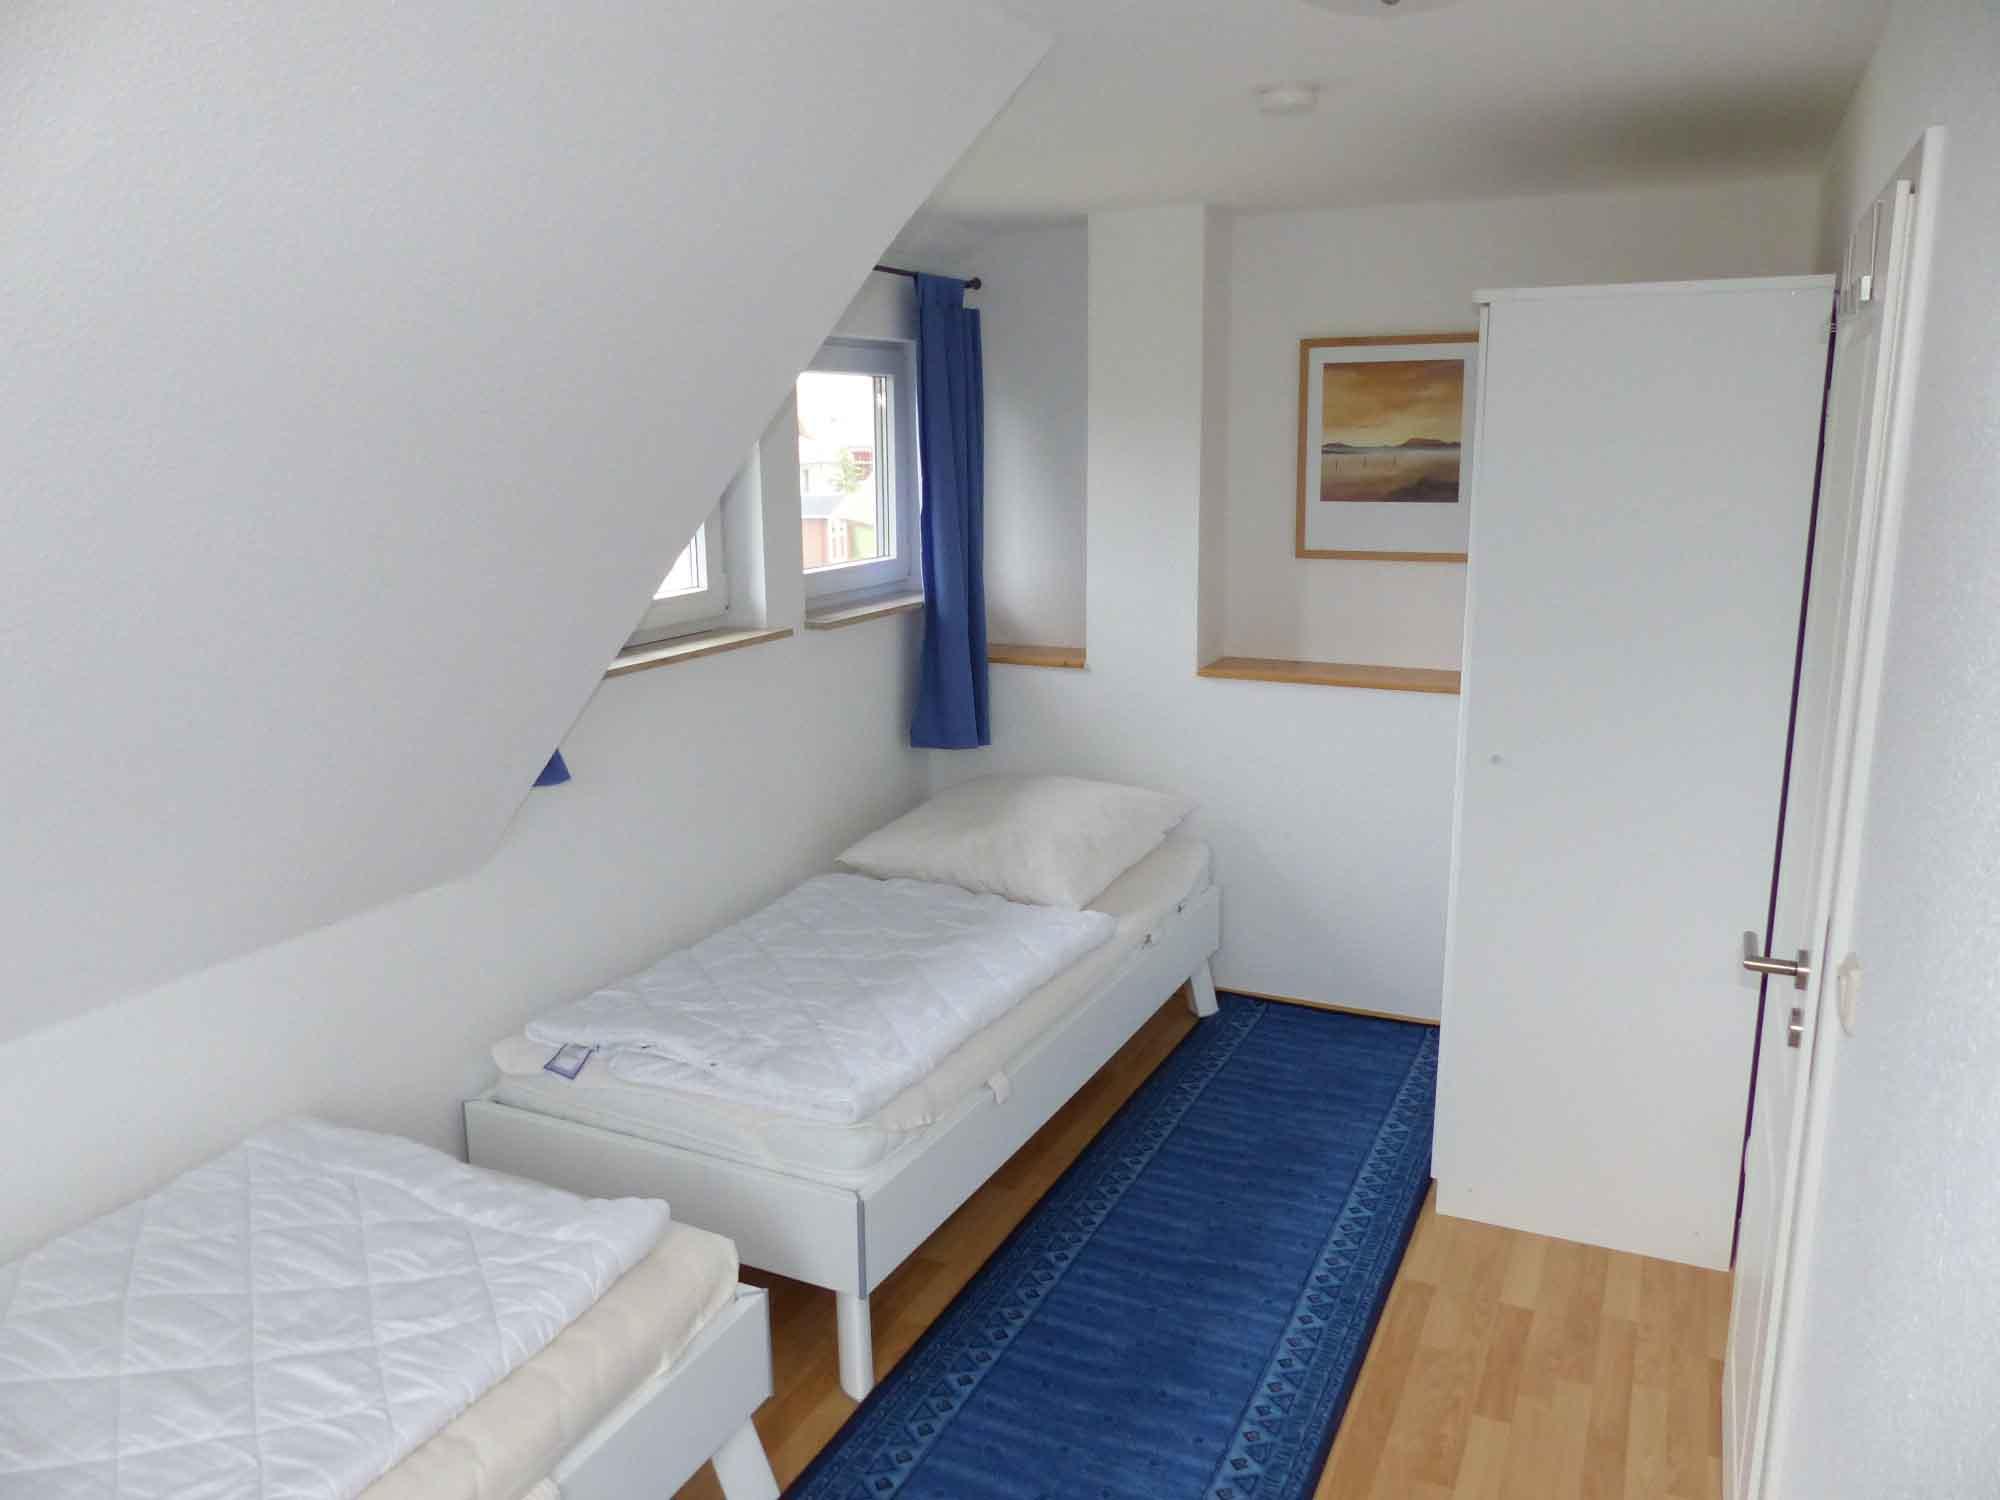 Braune wohnwand welche wandfarbe schlafzimmer braune wand - Braune wandfarbe schlafzimmer ...